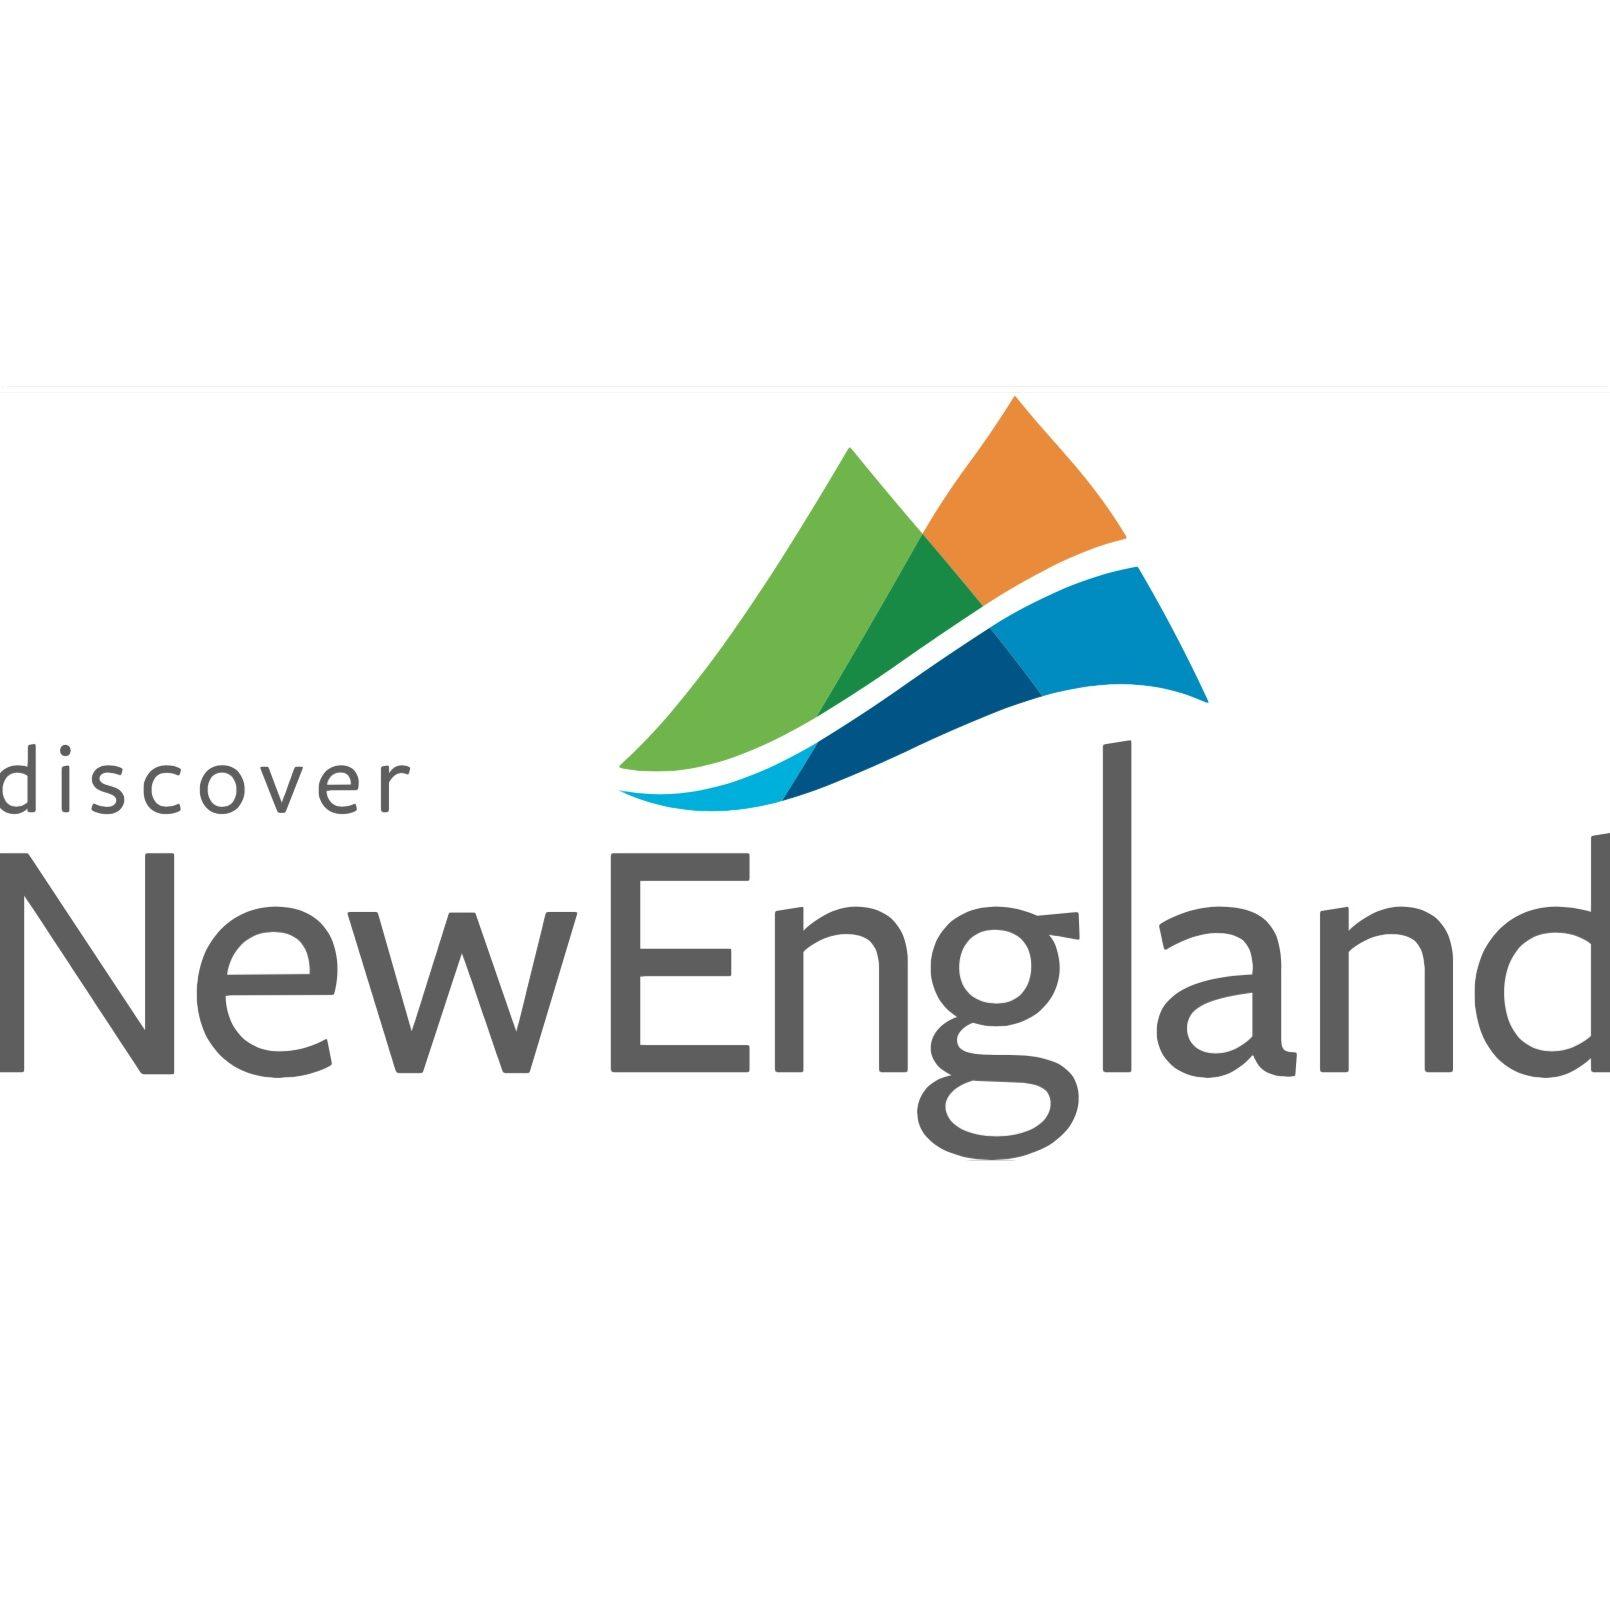 Discover New England